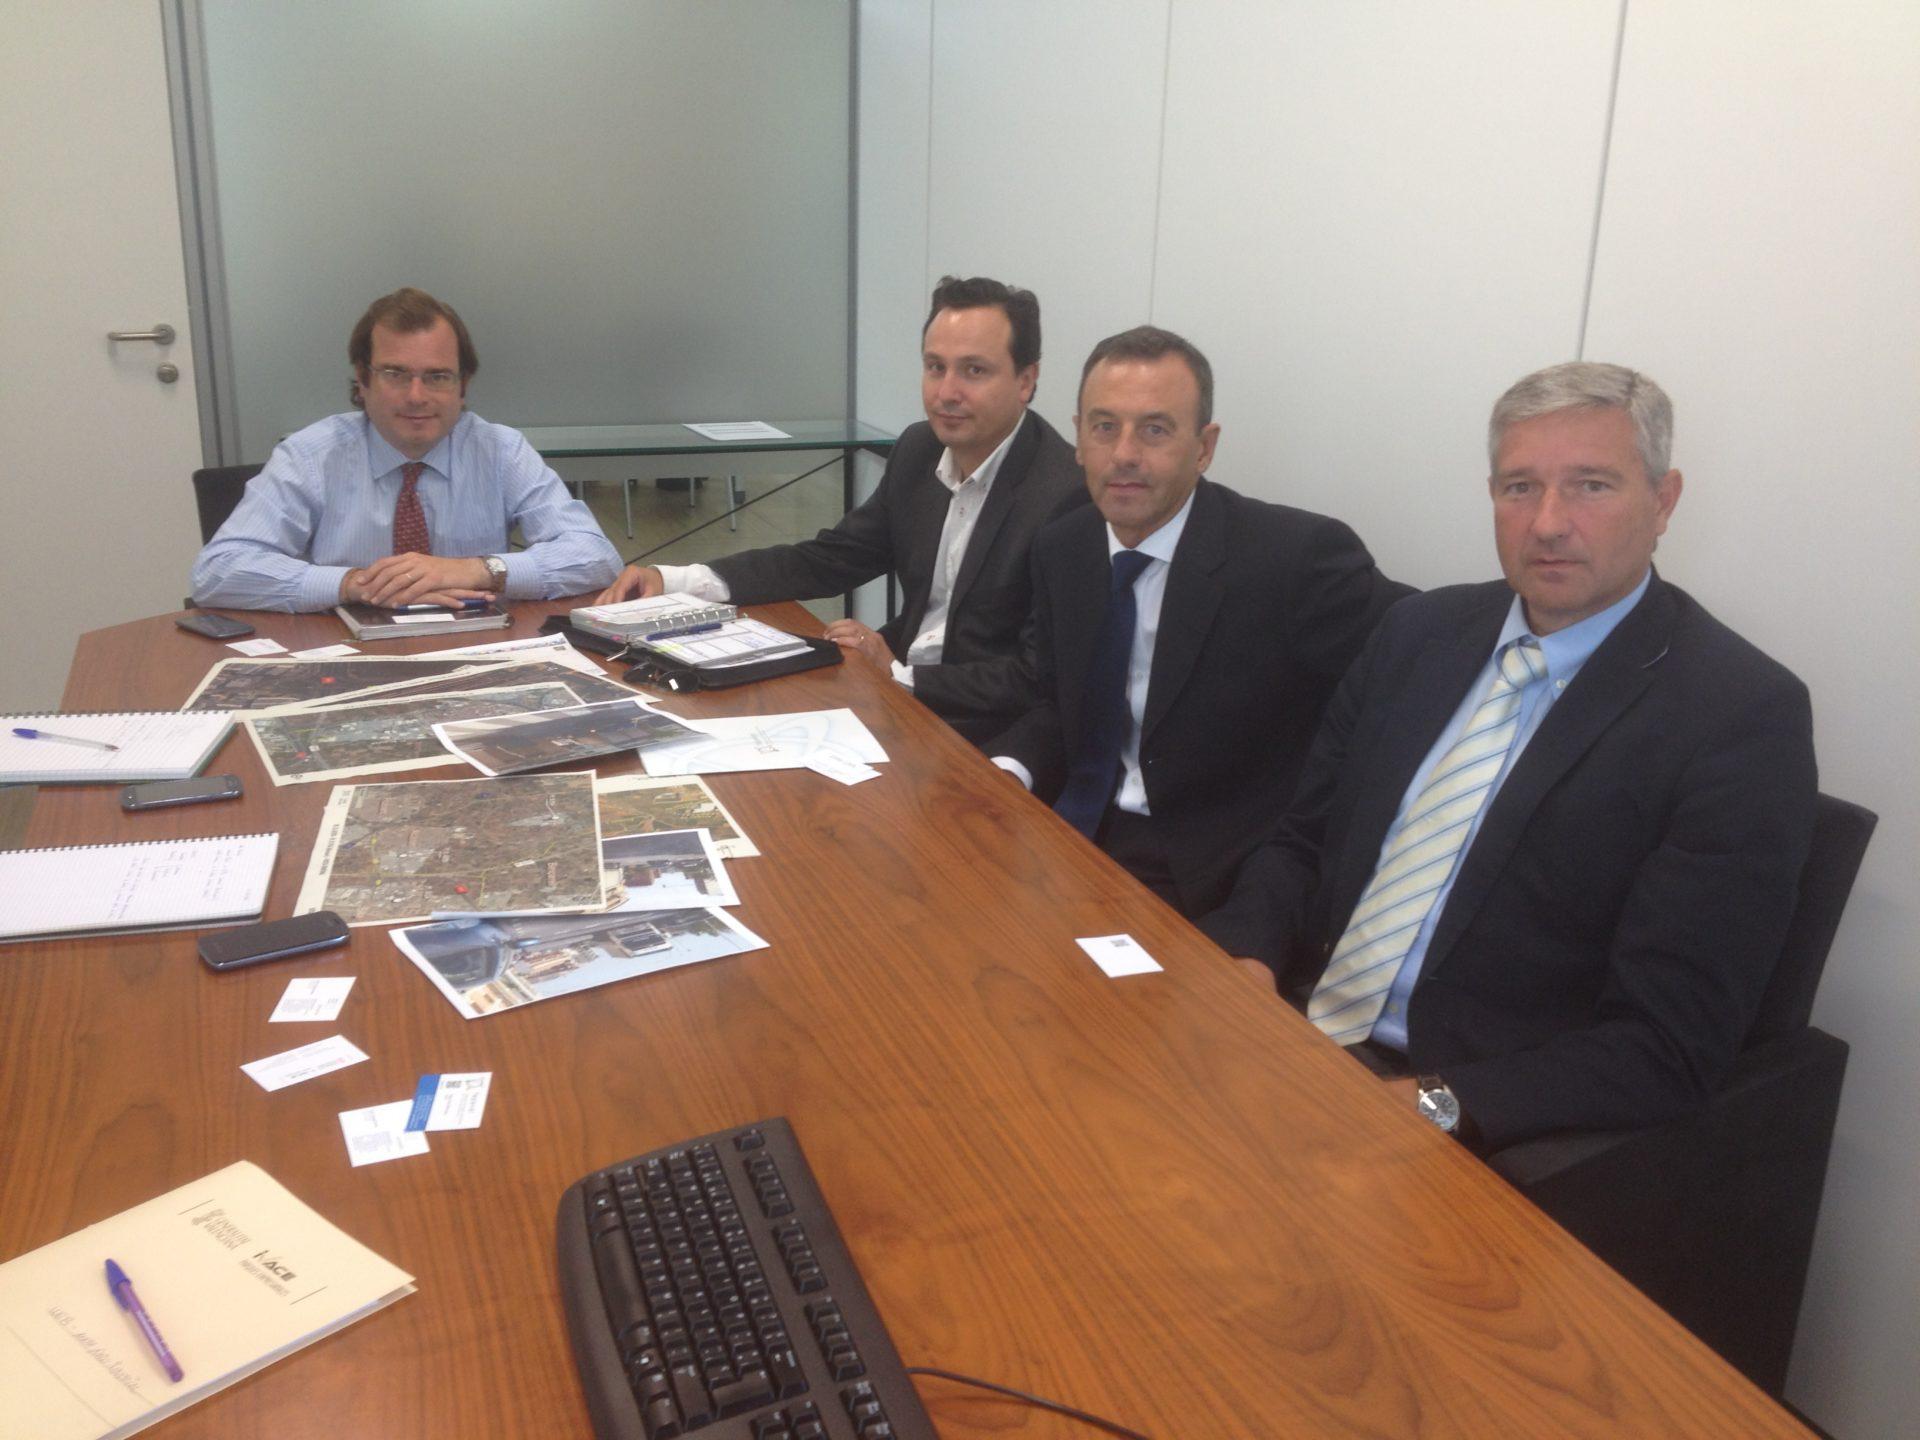 Reunión con DG Industria sobre problemas accesos a los parques empresariales de Alcàsser, Picassent y Almussafes